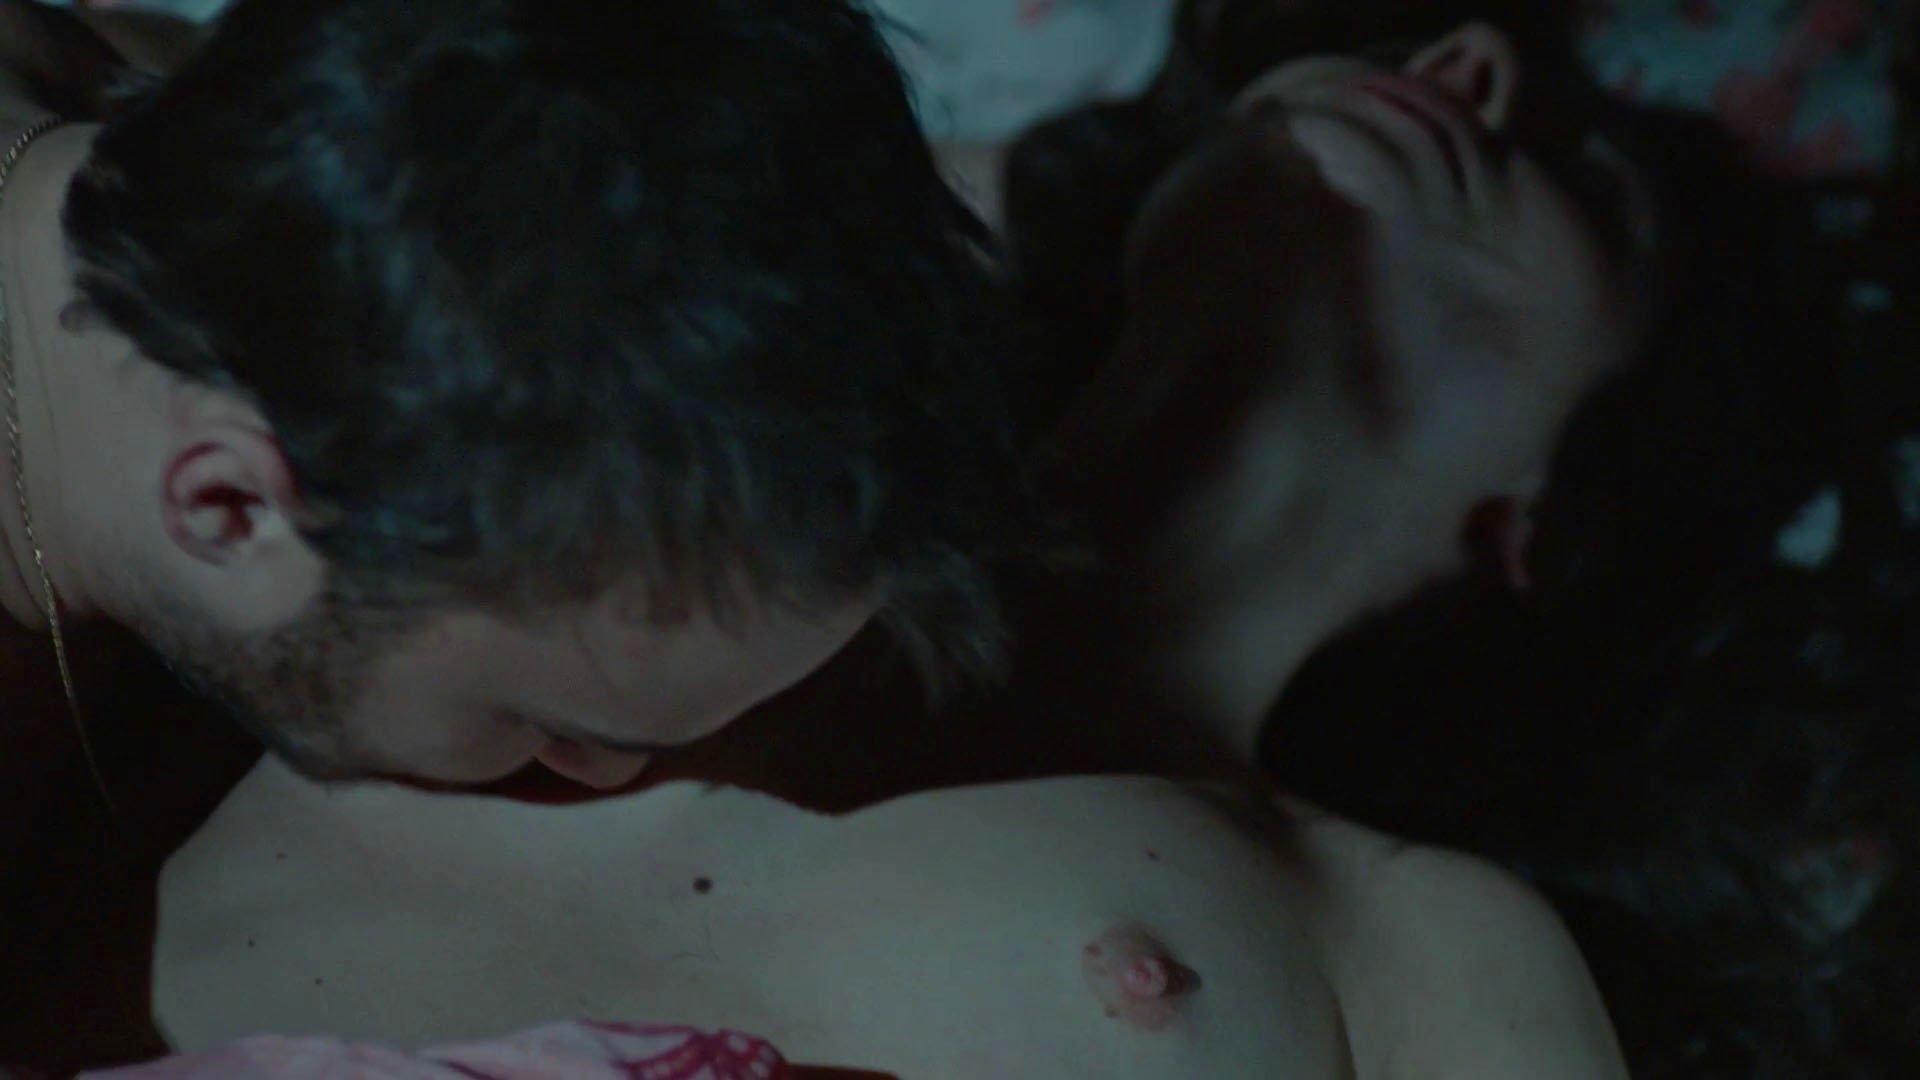 Viktoriya Zabolotnaya nude - Shameless RU s01e24 (2017)